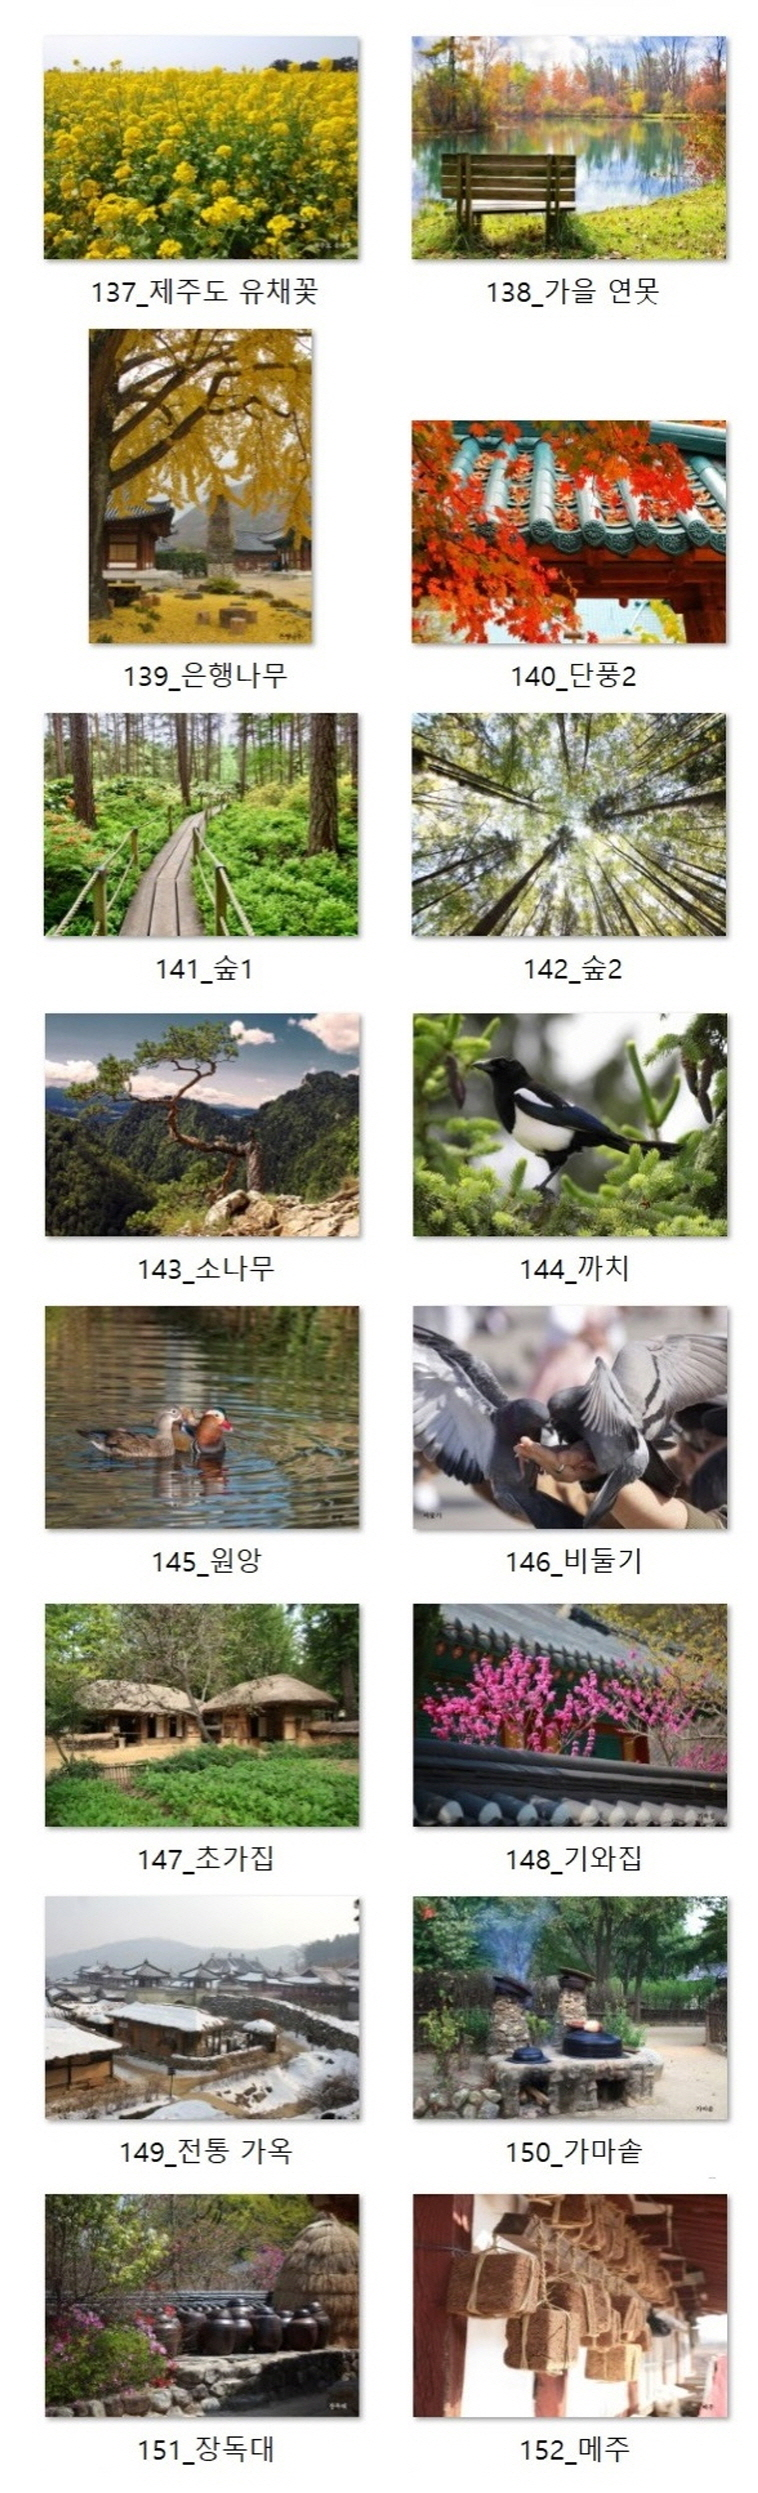 효도퍼즐(B4_행복 220종) 가족이 함께 맞추는 판퍼즐-효도선물 치매예방 - 퍼즐러브, 8,000원, 조각/퍼즐, 맞춤퍼즐